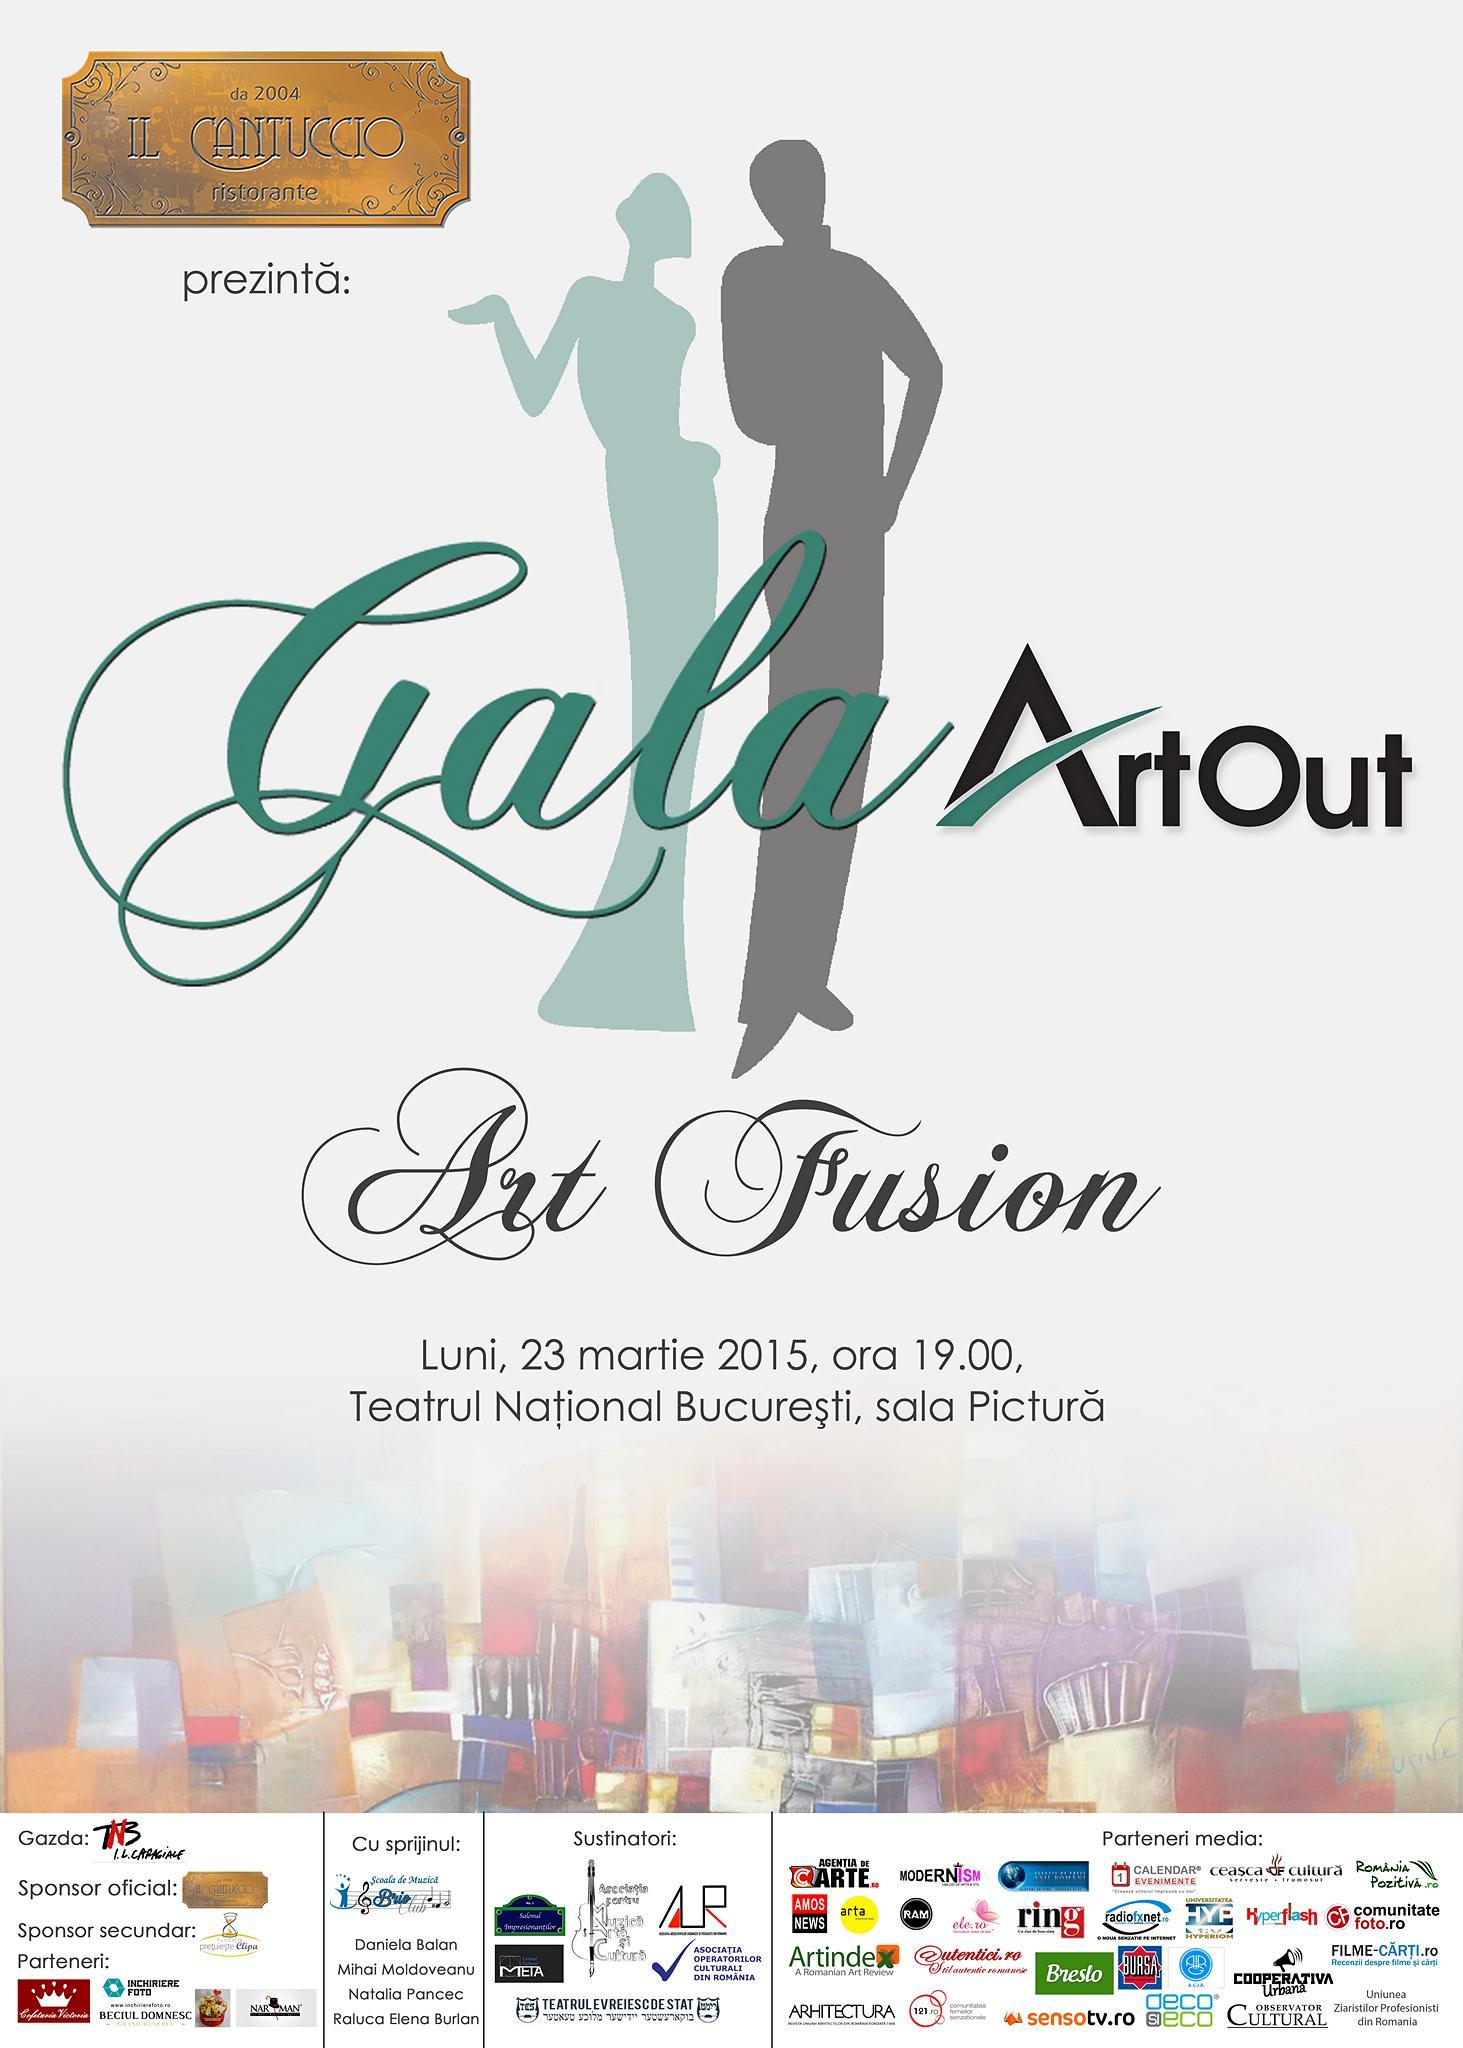 gala art out 2015 sincretism varietate și armonie în arta